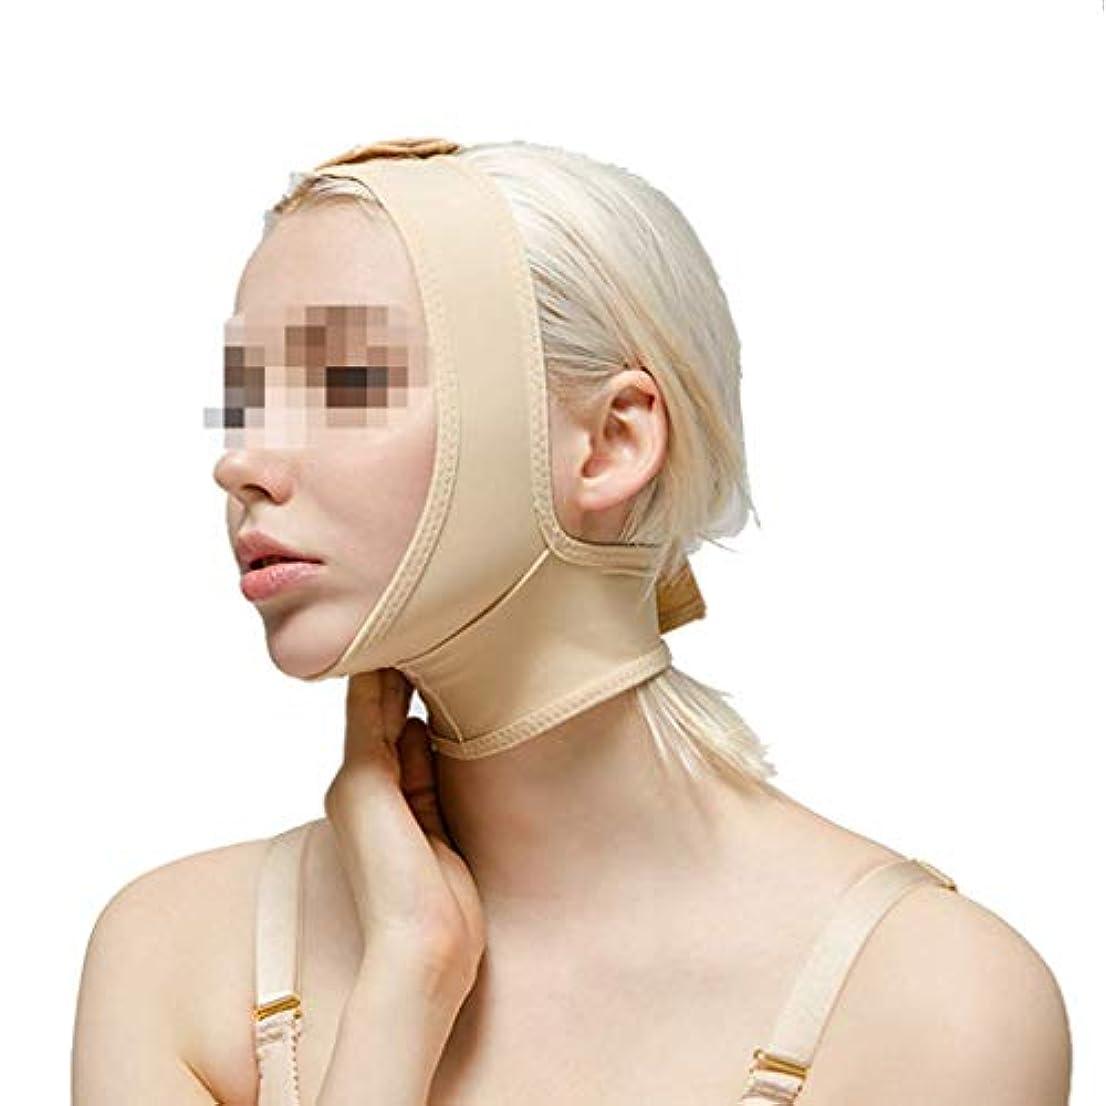 リハーサル道路を作るプロセスアーカイブ術後伸縮性スリーブ、下顎束フェイスバンデージフェイシャルビームダブルチンシンフェイスマスクマルチサイズオプション(サイズ:L),M